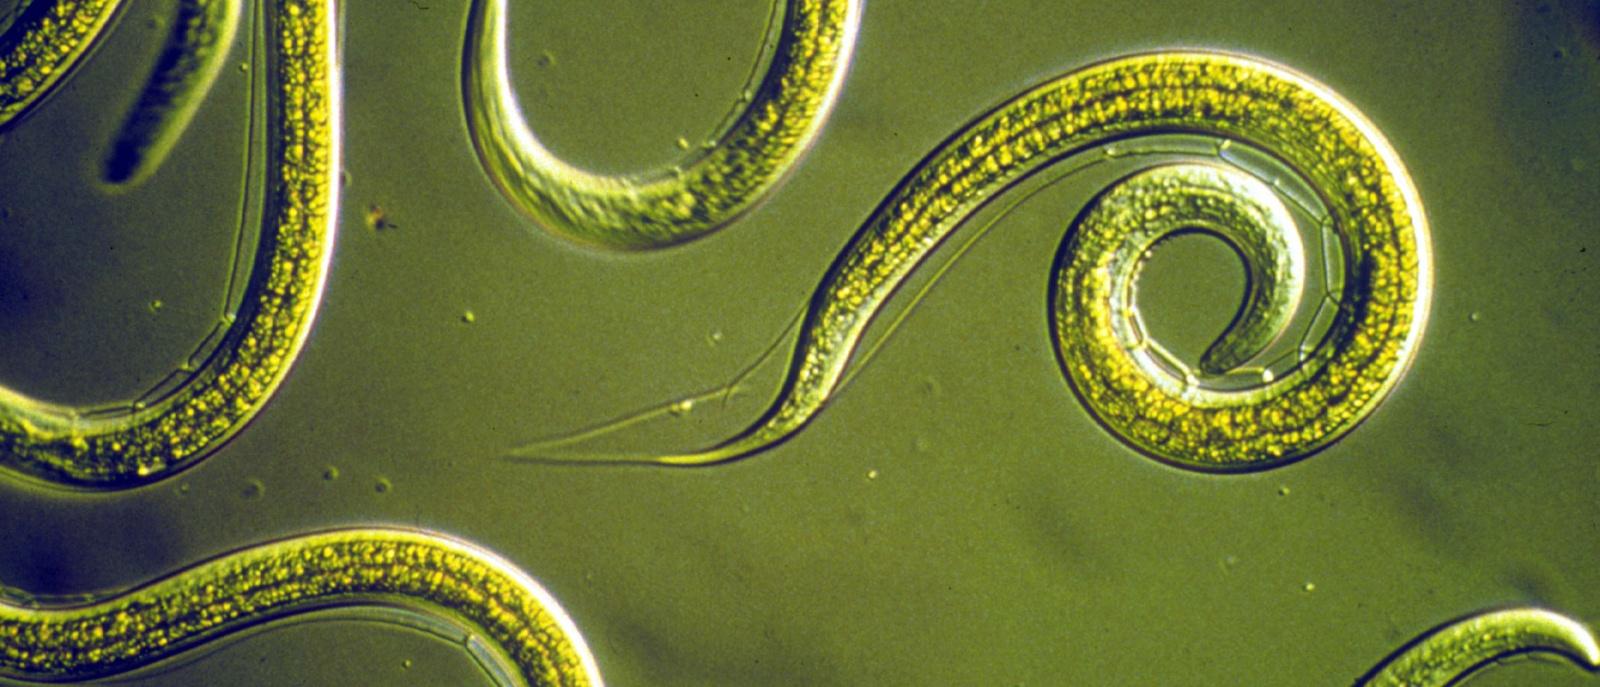 Нематоды-экстремалы из озера Моно: искупаться в мышьяке и выжить - 1